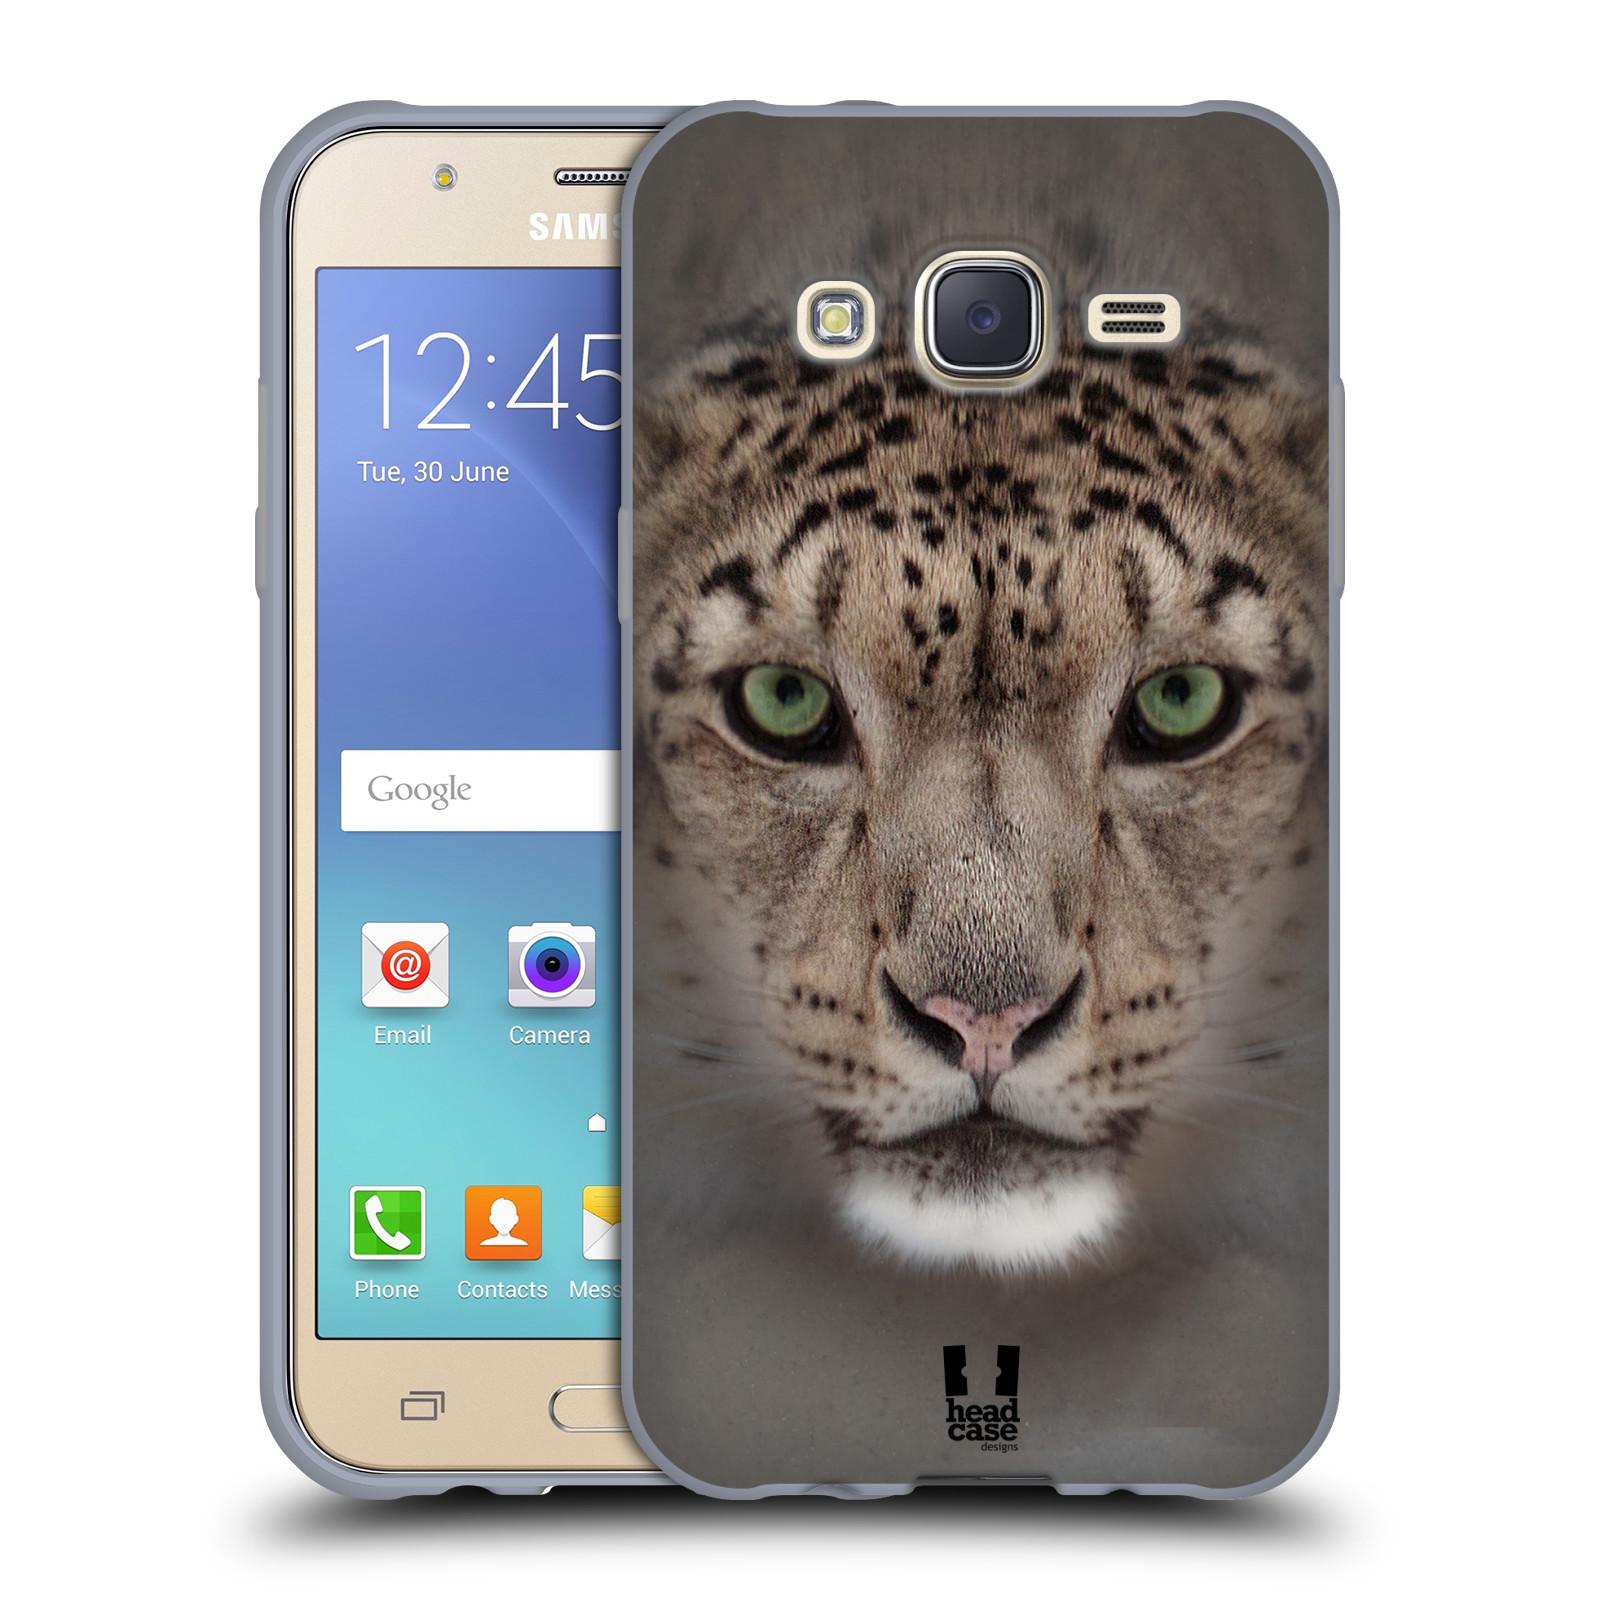 HEAD CASE silikonový obal na mobil Samsung Galaxy J5, J500, (J5 DUOS) vzor Zvířecí tváře 2 sněžný leopard